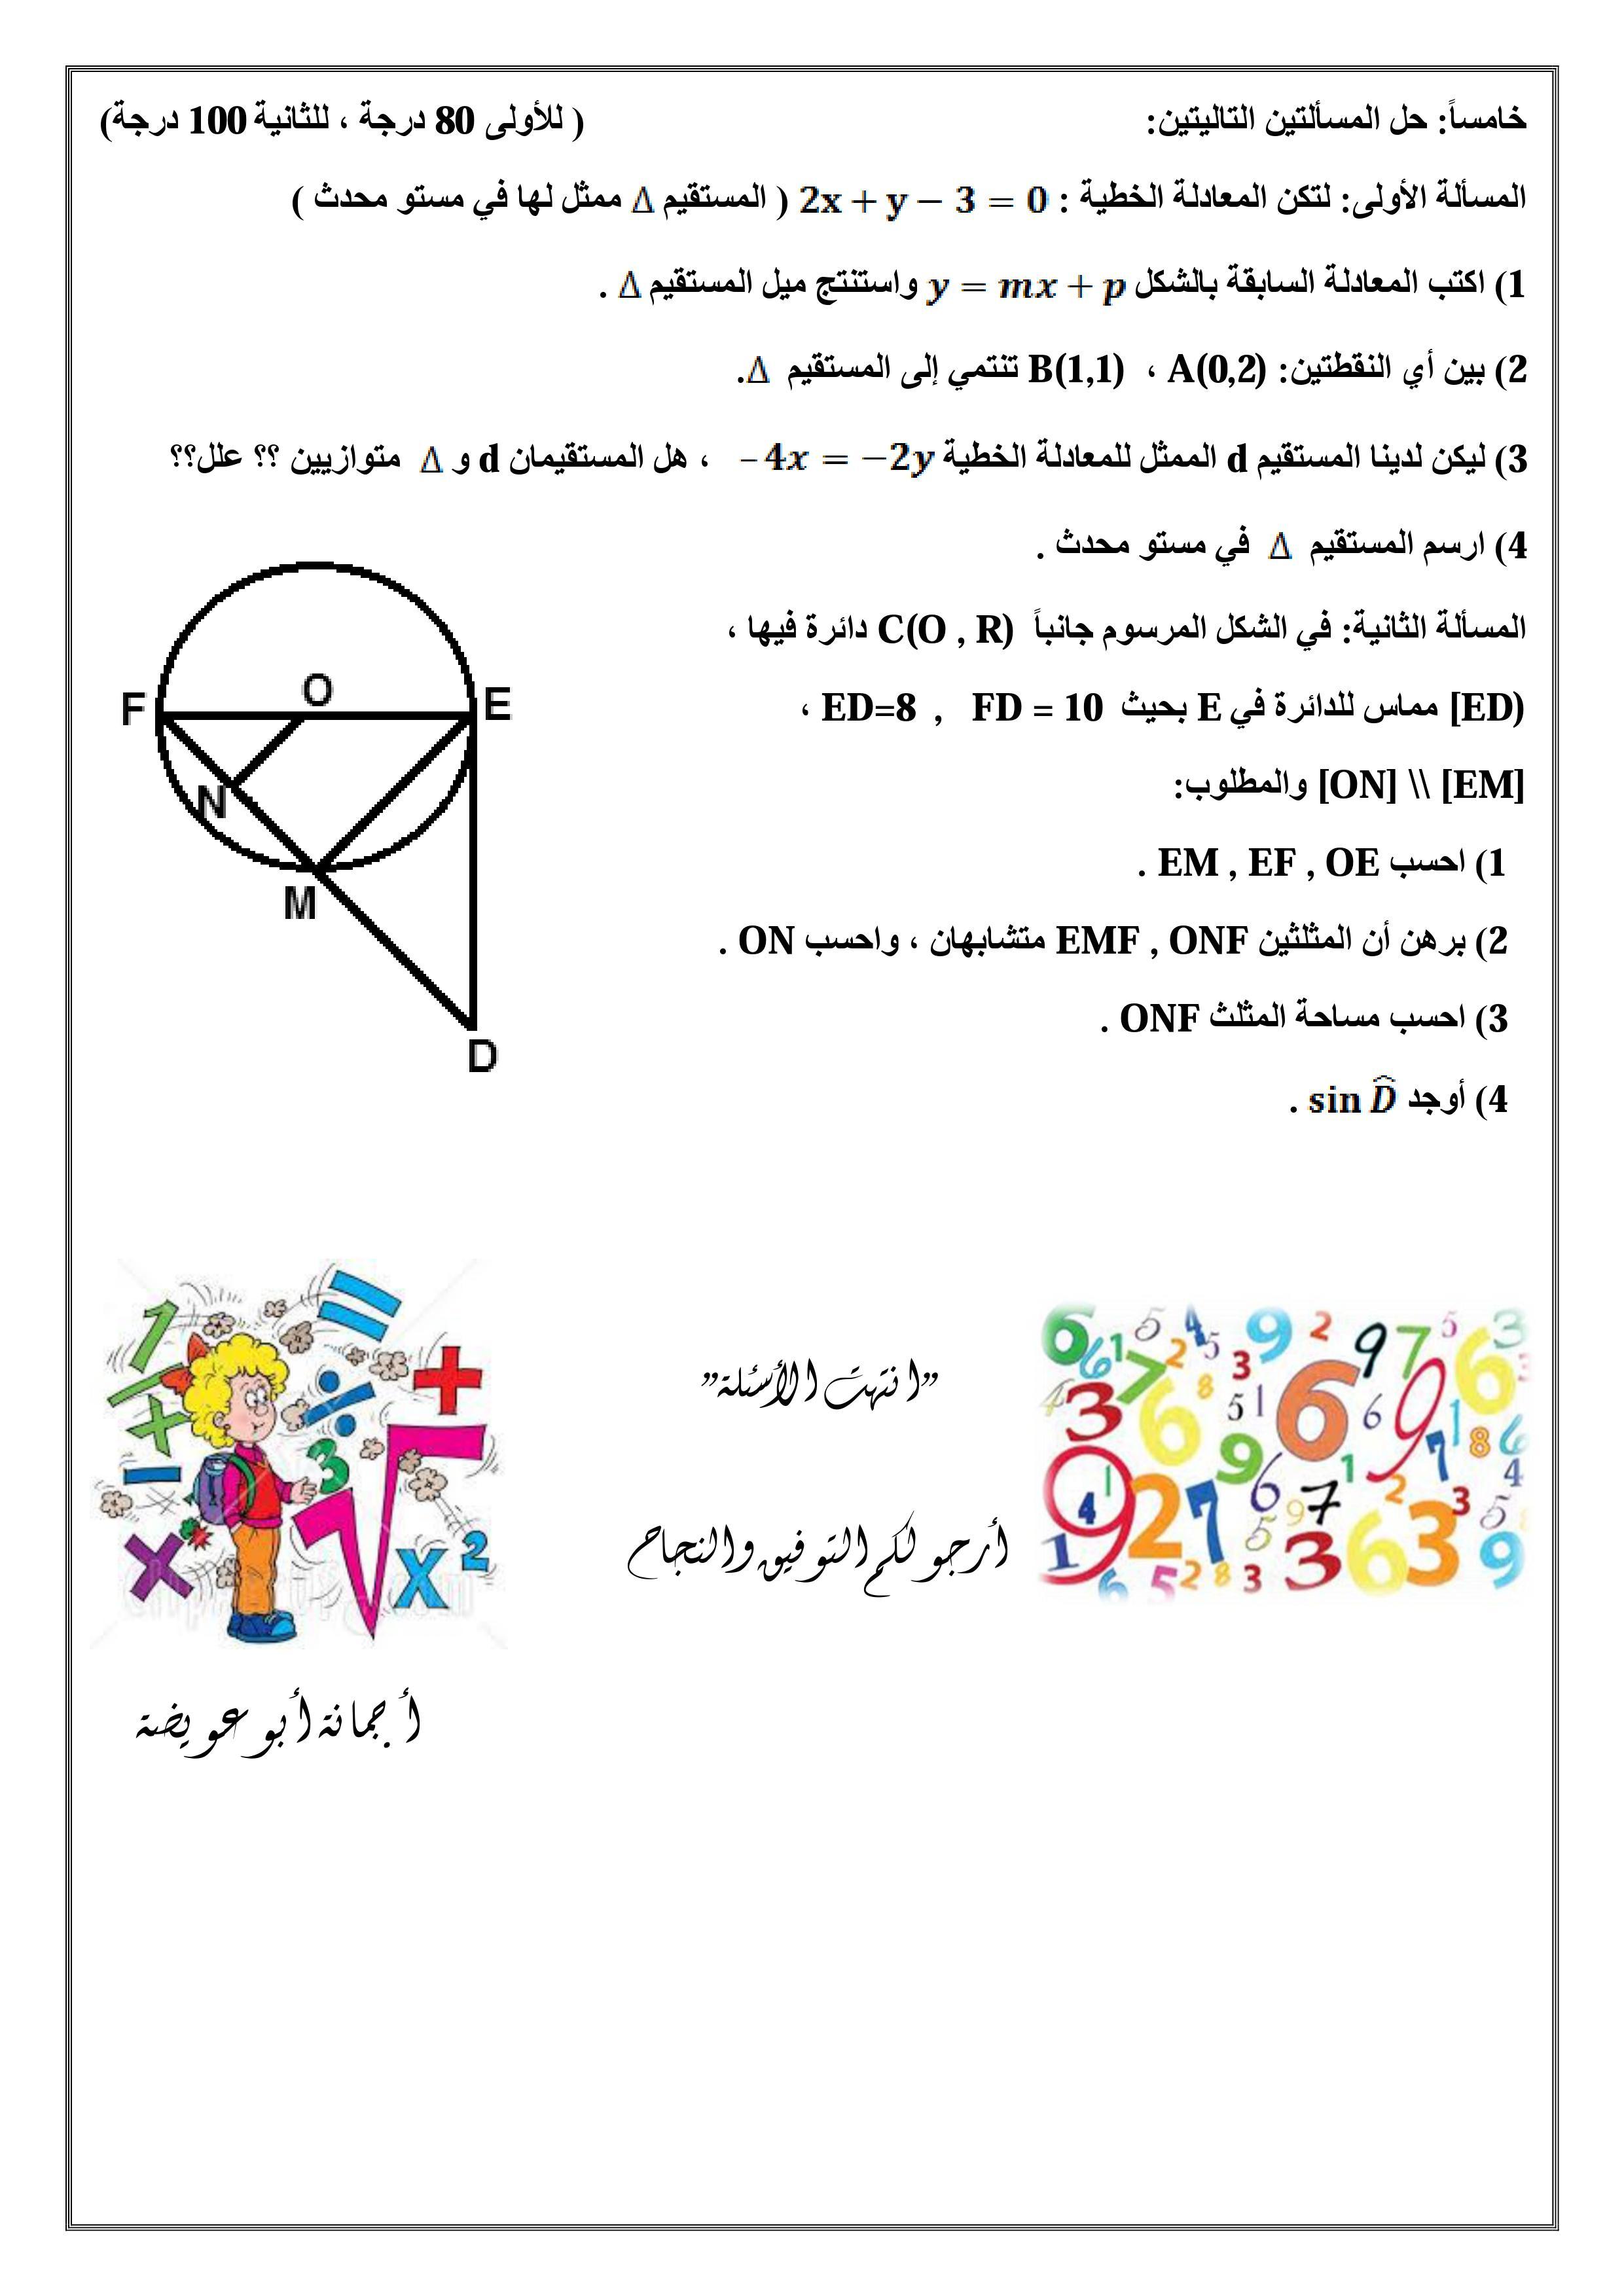 نماذج و حلول امتحان الرياضيات الصف التاسع المنهاج السوري 1463774551842.jpg